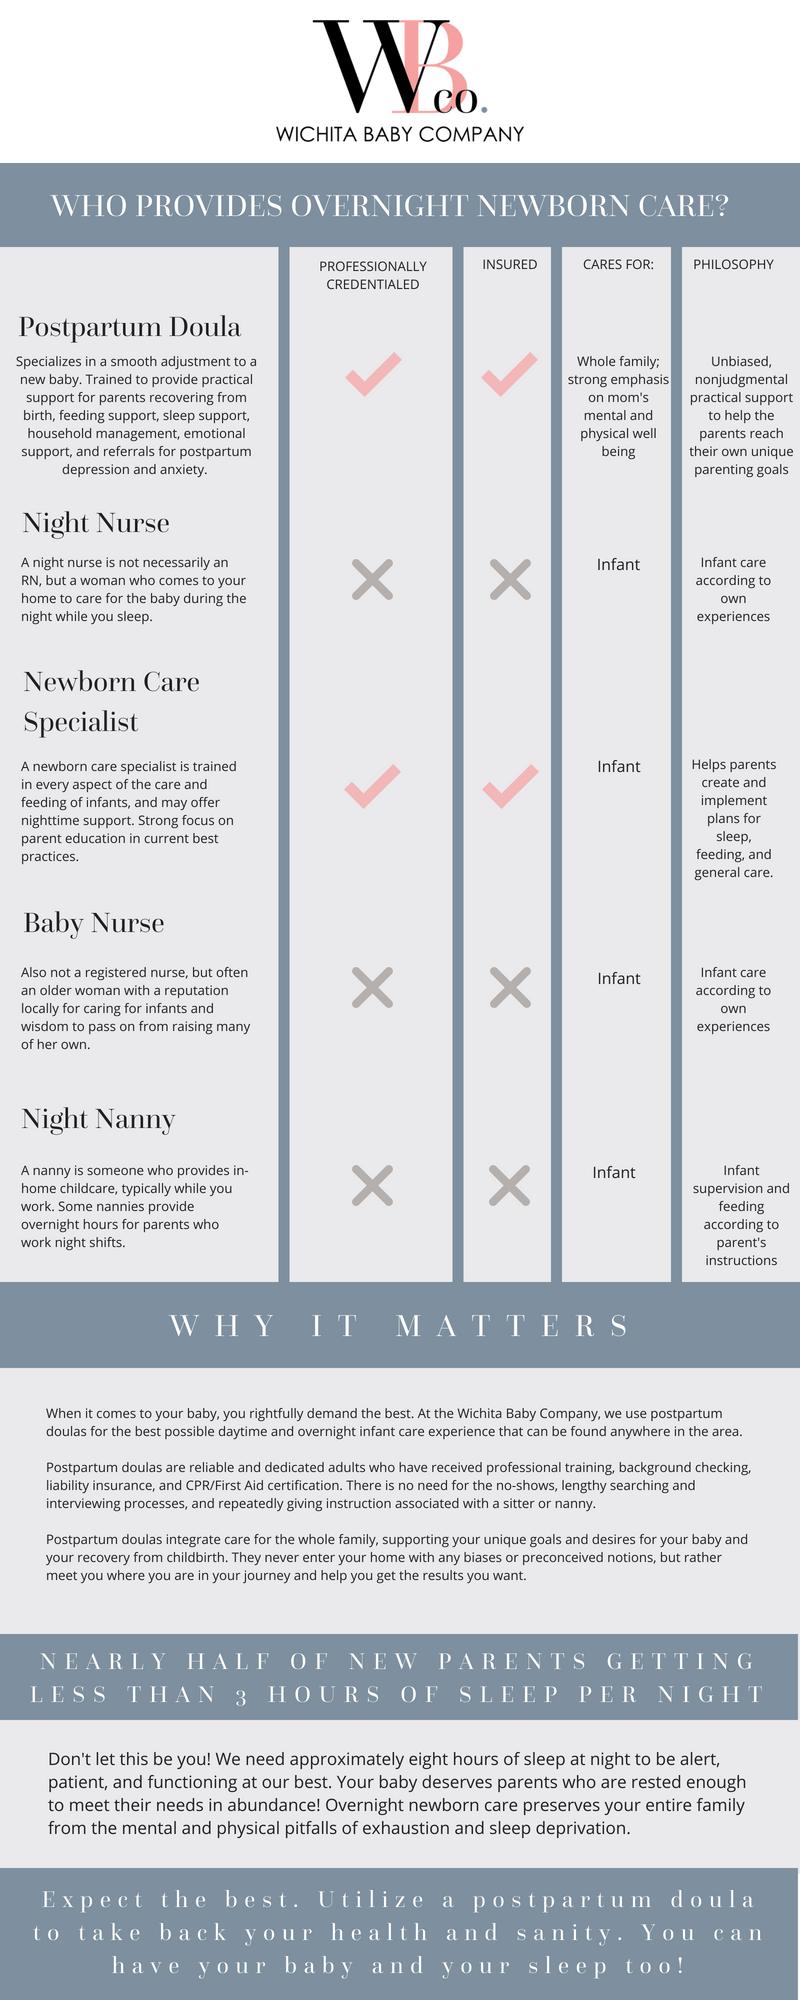 who-provides-overnight-newborn-care-in-wichita